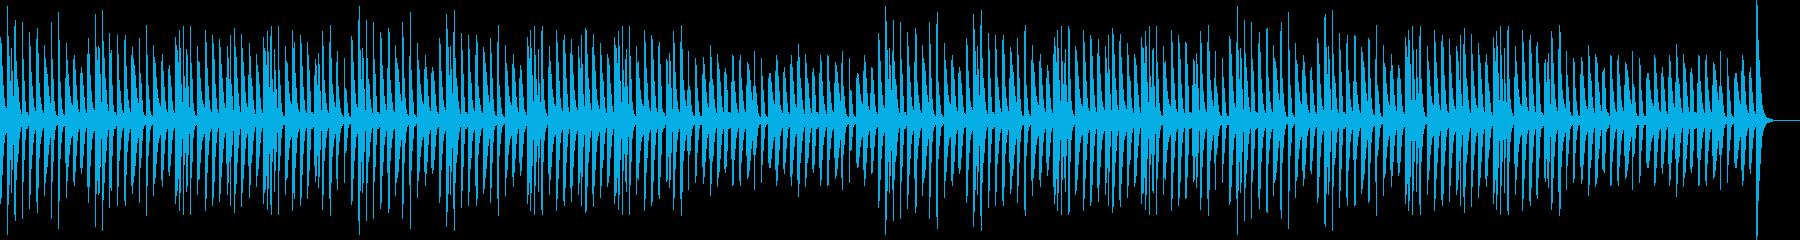 ほのぼの・マリンバ・かわいいの再生済みの波形